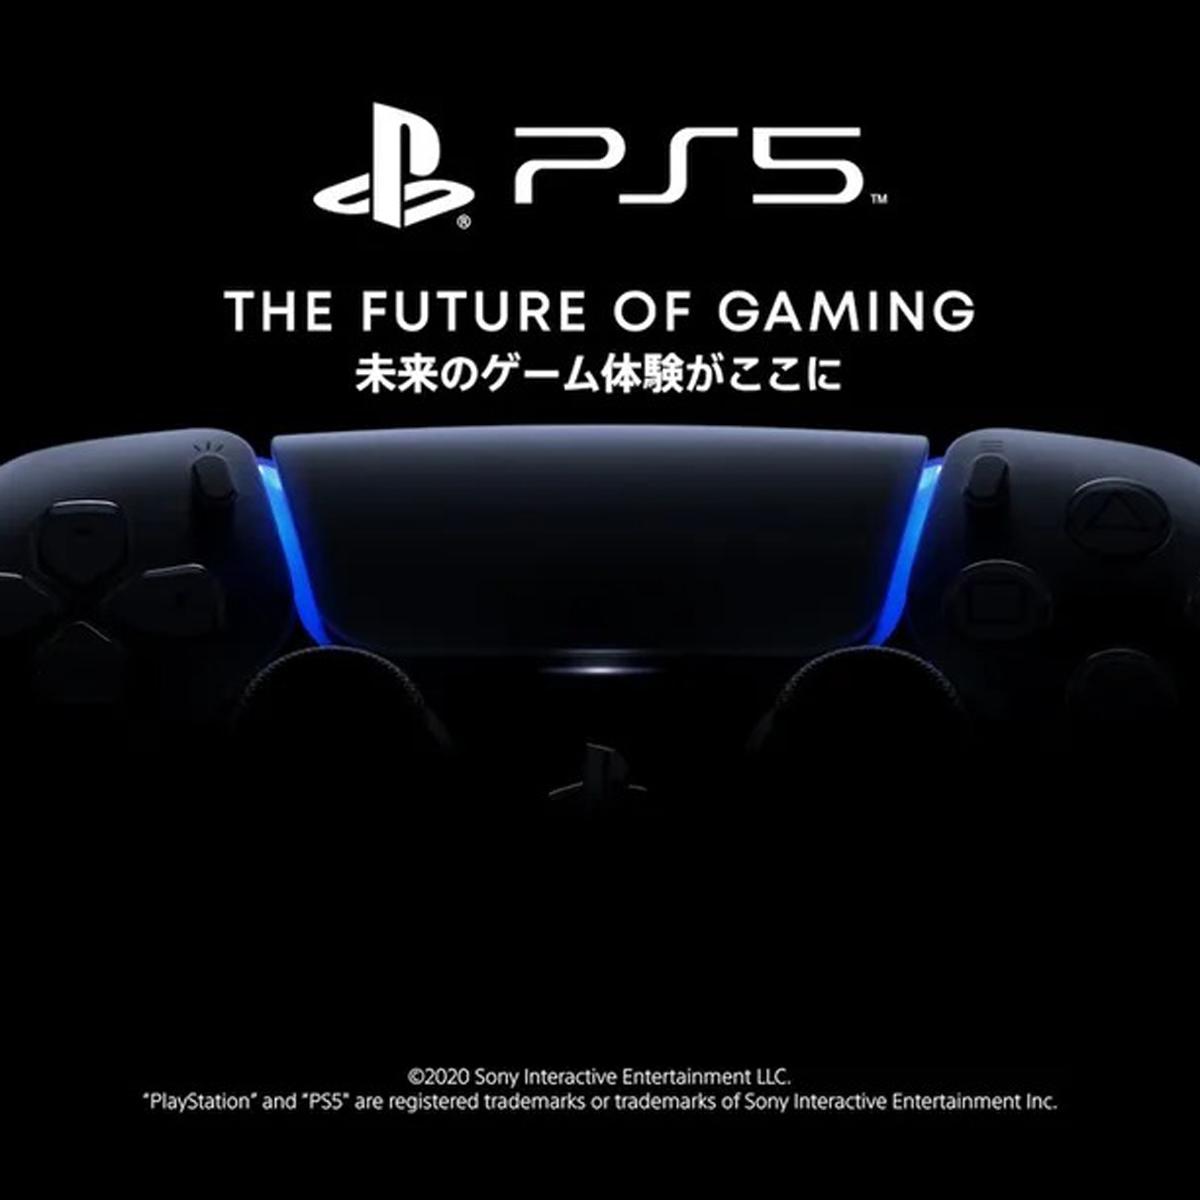 ソニーがPS5の発表会を開催へ。ついにゲームタイトルが初お披露目